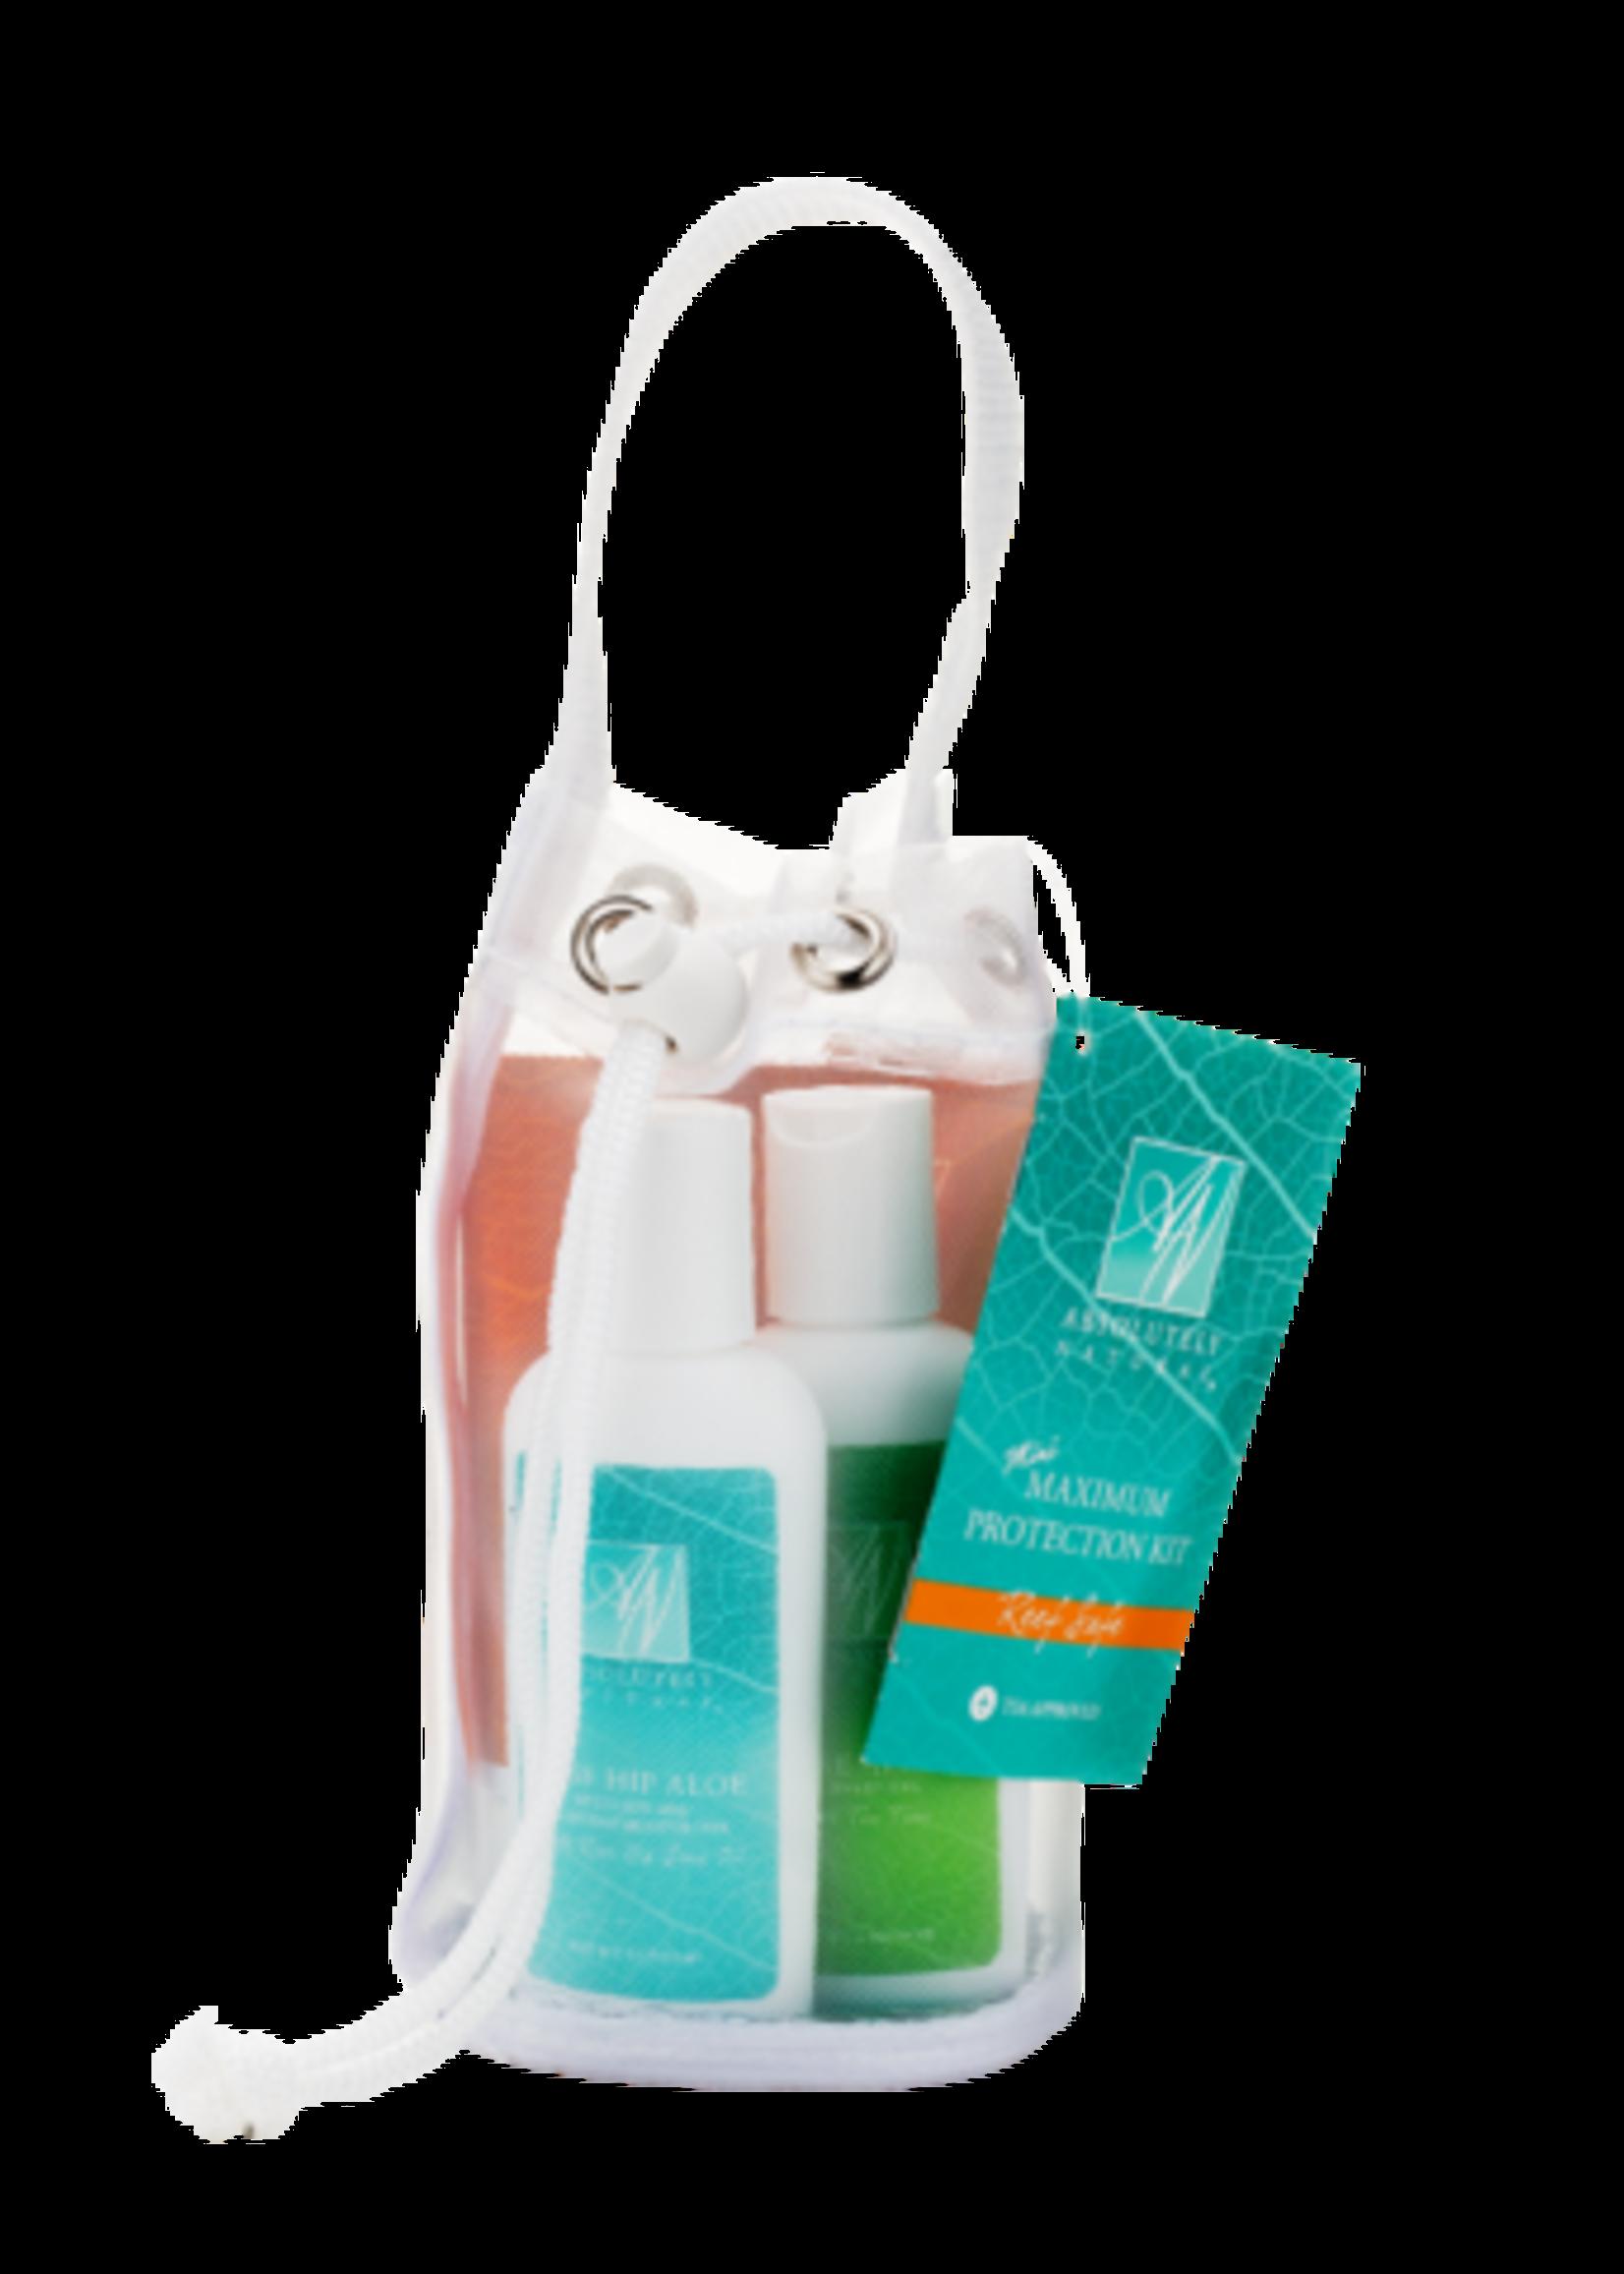 Kit Mini Maximum Protection w Bag